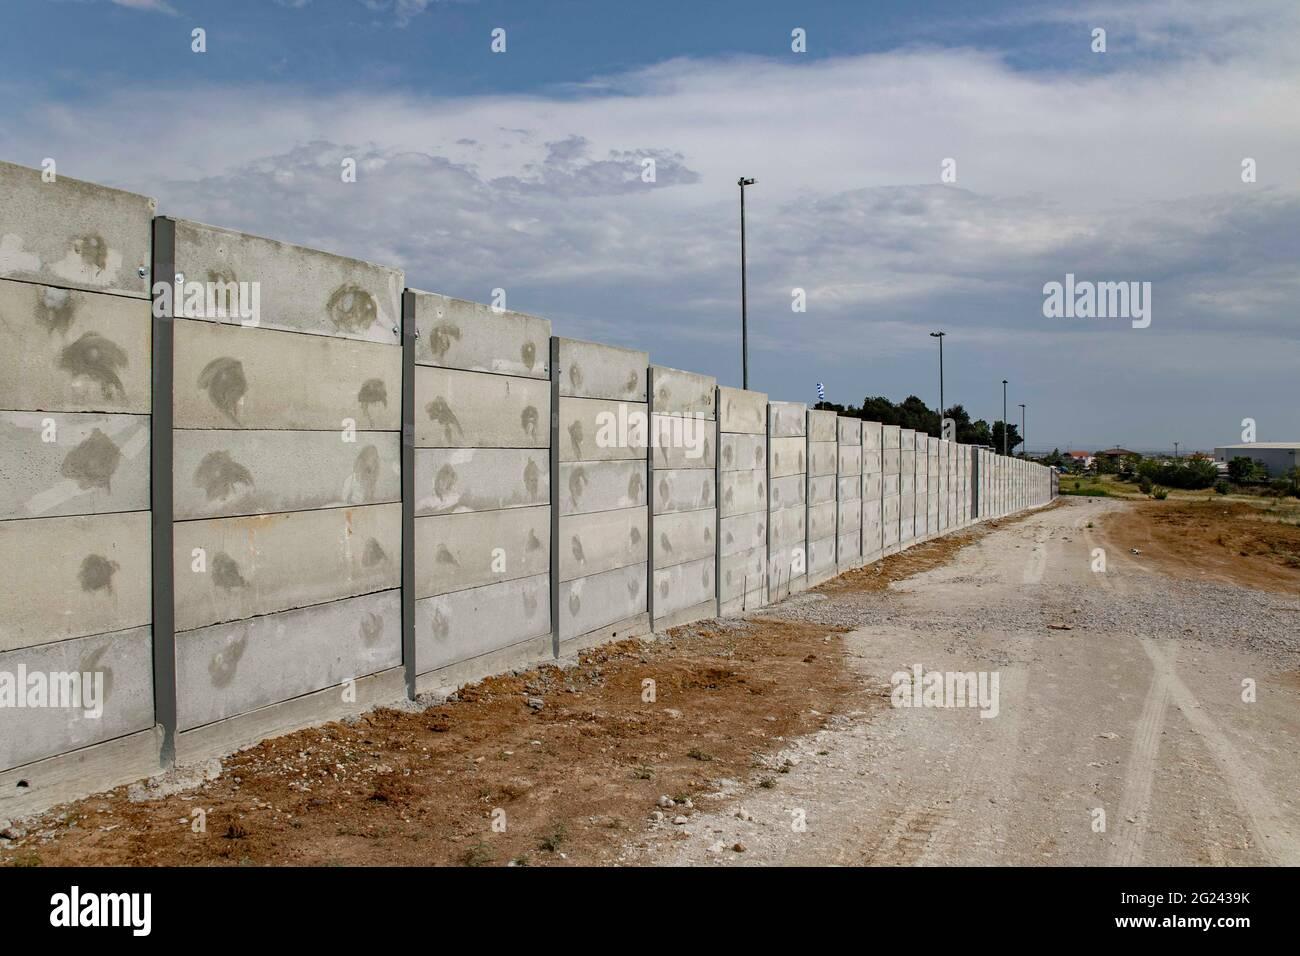 Thessalonique, Grèce. 07e juin 2021. Vue sur un mur gris de 3 mètres construit autour du camp de réfugiés de Diavata près de Thessalonique.de hauts murs en béton sont construits autour des camps de réfugiés sur le continent grec et les îles grecques, un déménagement revendique par la Grèce pour des raisons de sécurité. (Photo de Nik Oiko/SOPA Images/Sipa USA) crédit: SIPA USA/Alay Live News Banque D'Images